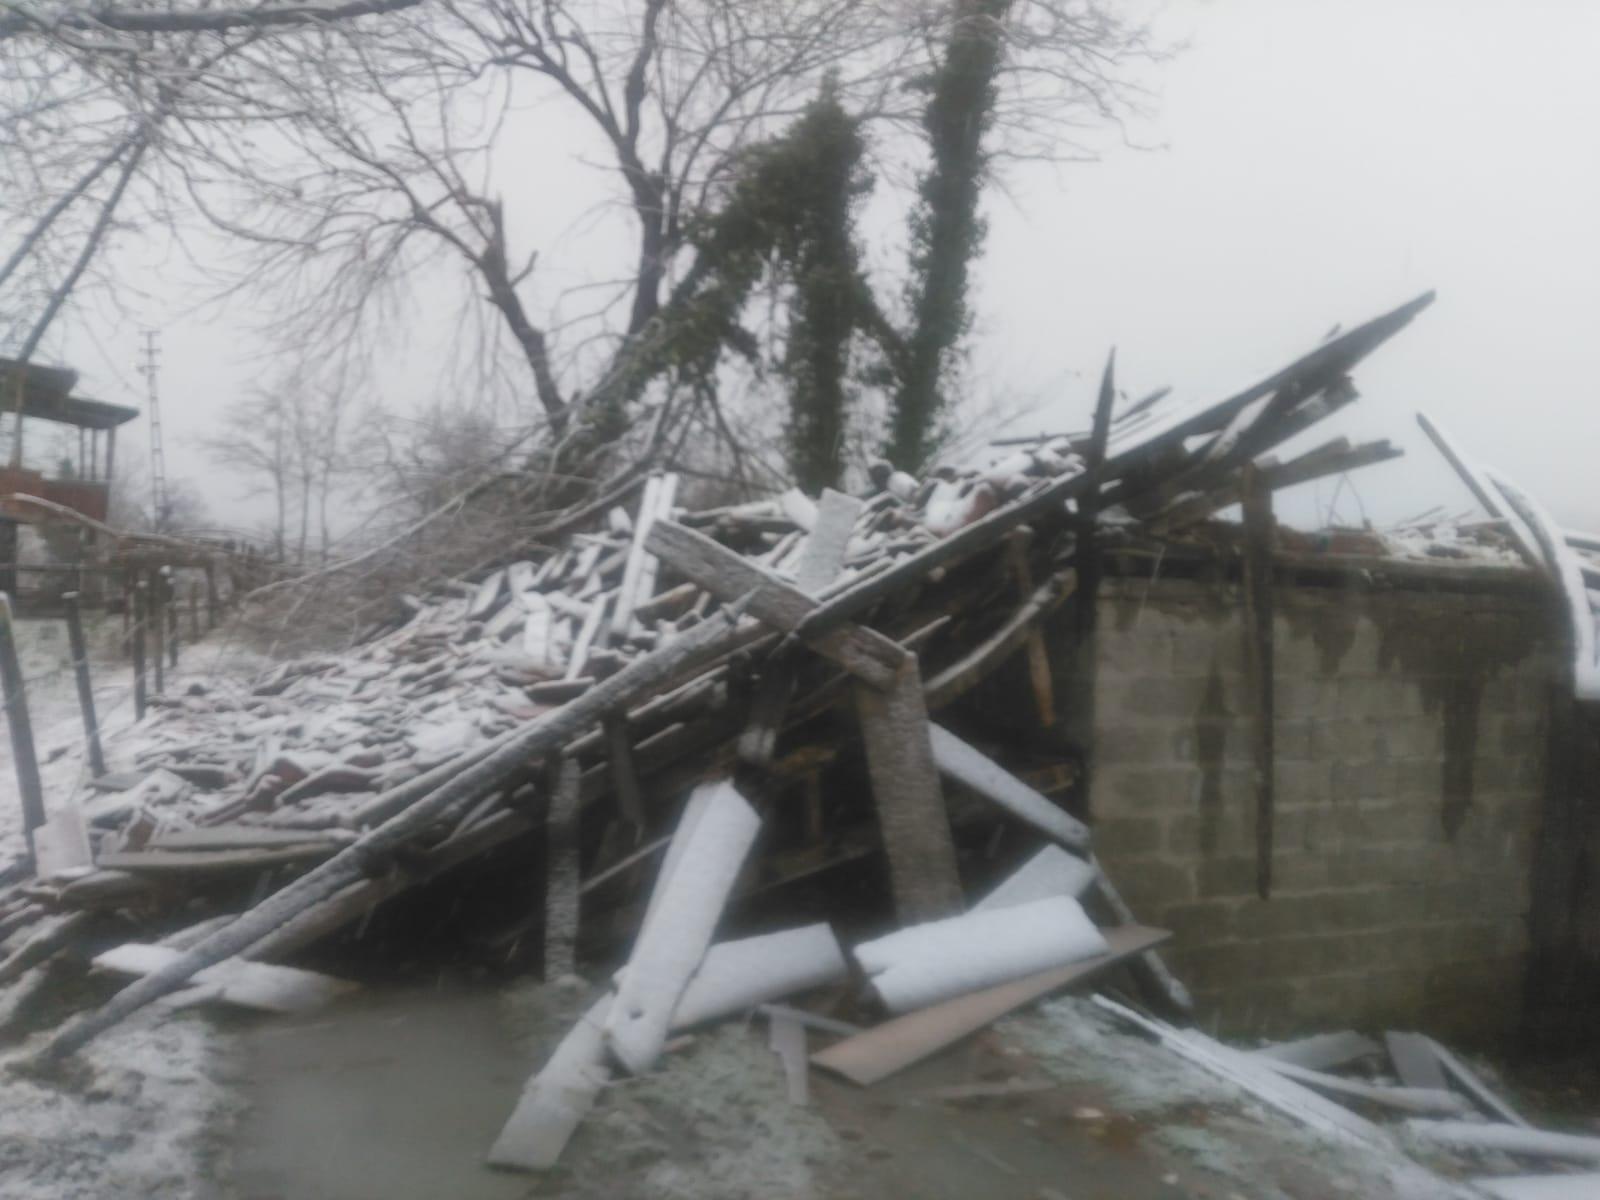 Kayaköy'de Fırtına Sonrası Maddi Hasar Meydana Geldi